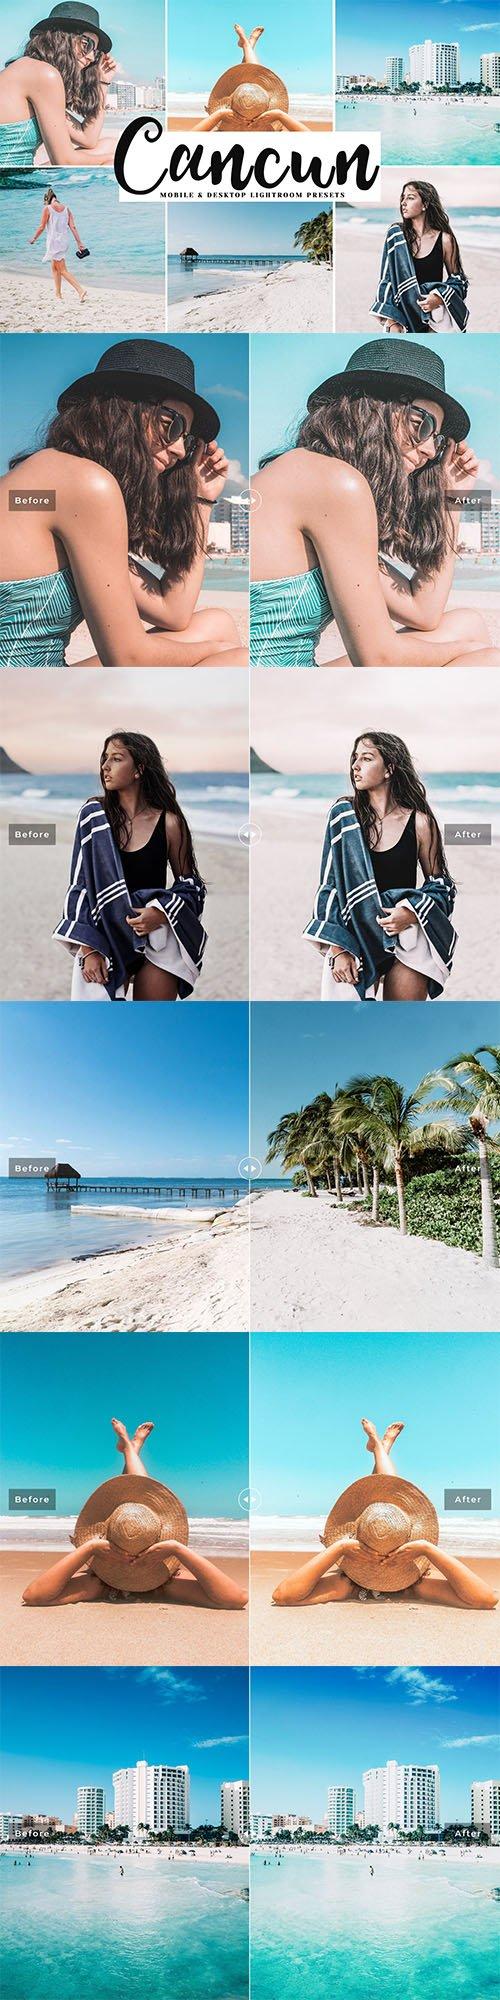 Cancun Mobile and Desktop Lightroom Presets